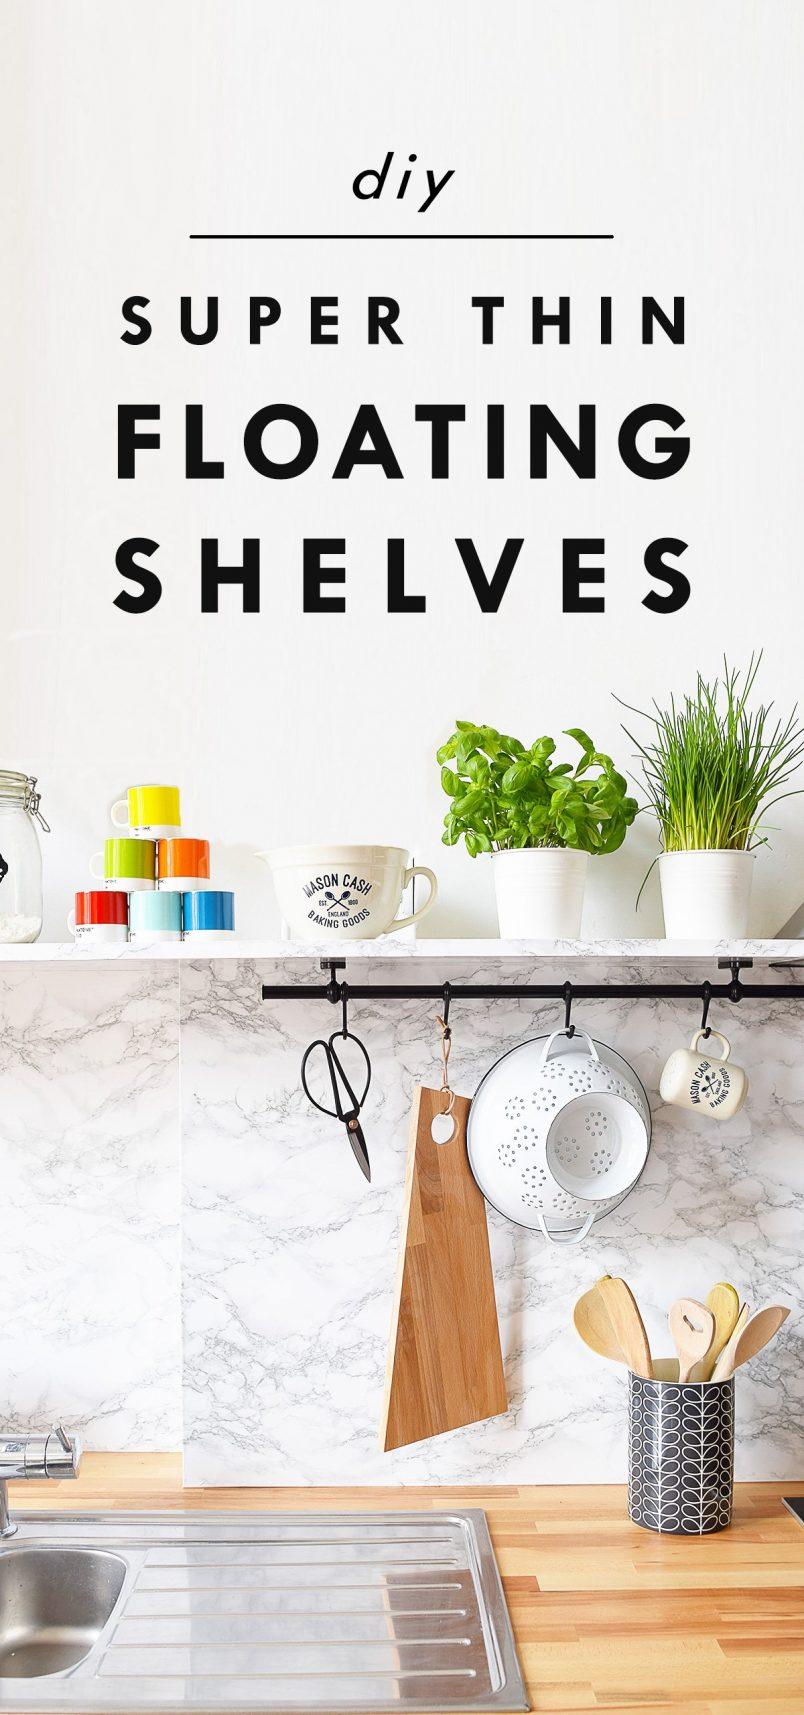 DIY Super Thin Floating Shelves | Little House On The Corner